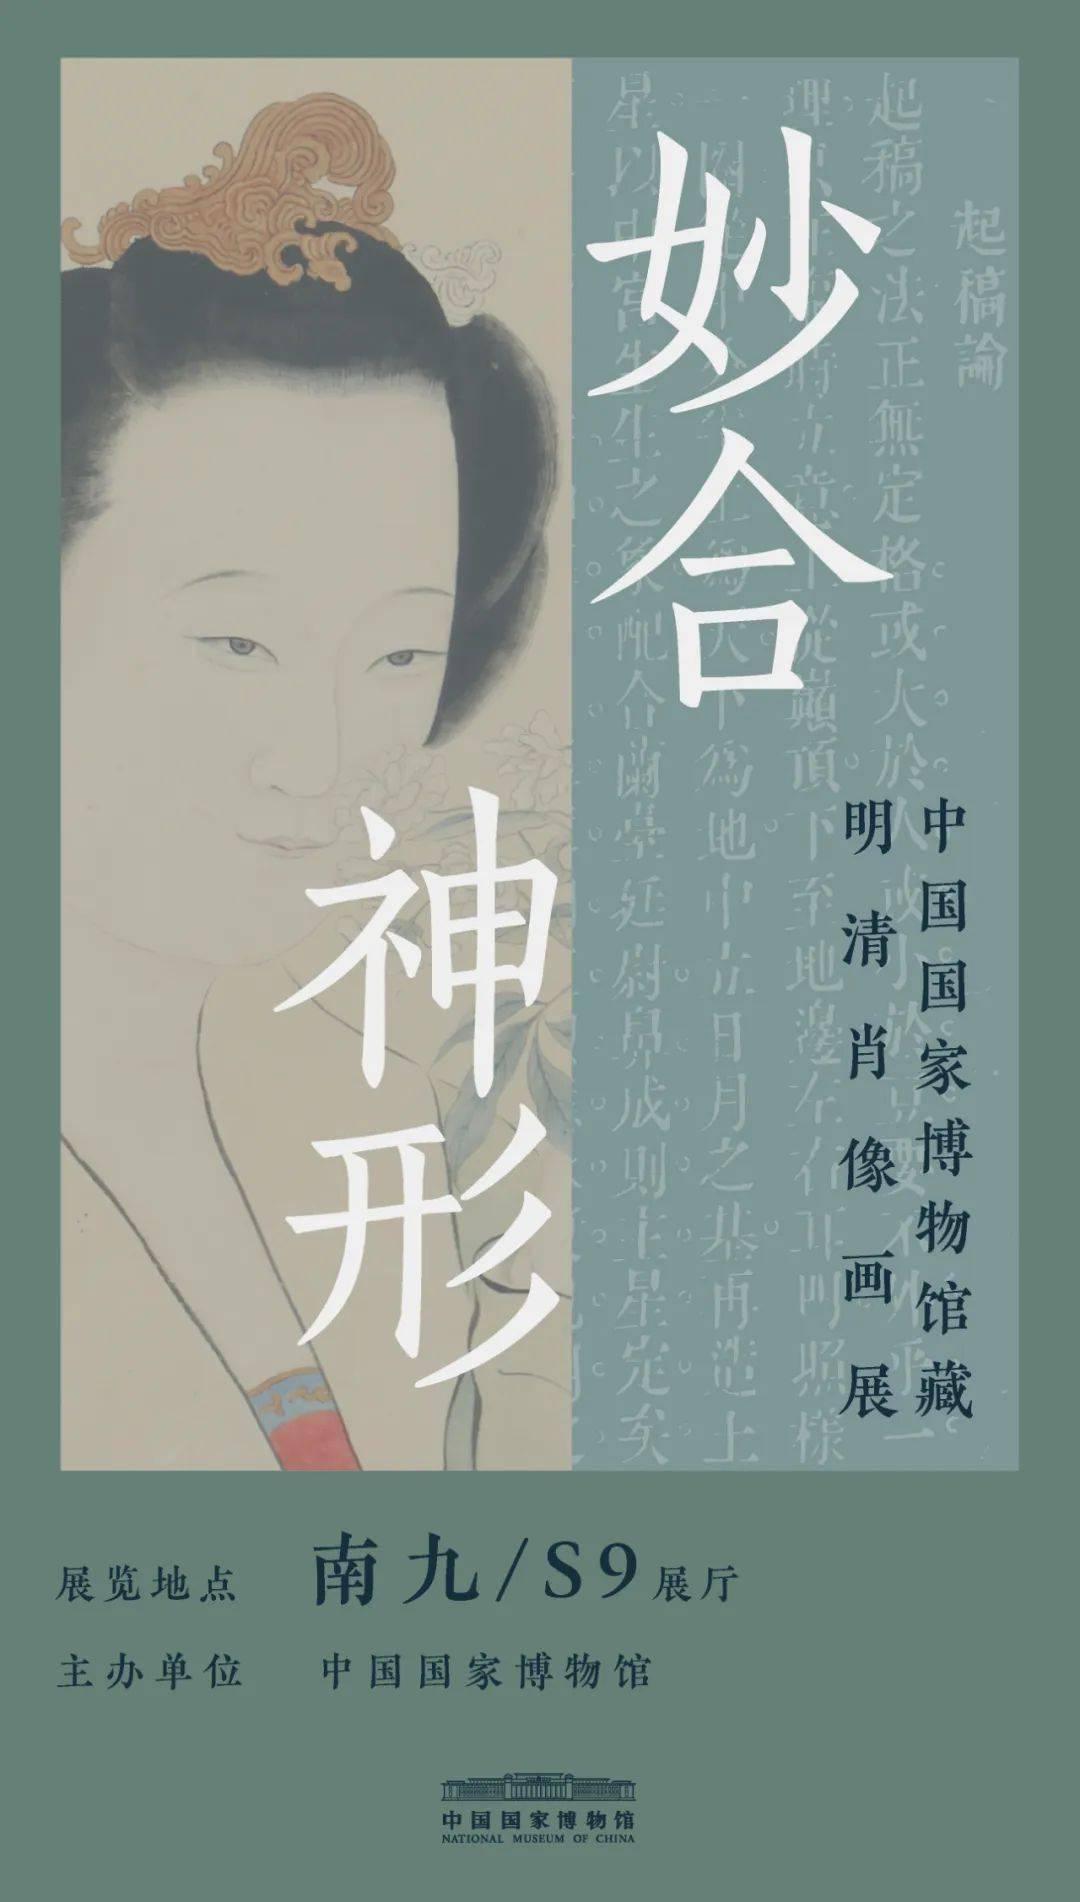 妙合神形——中国国家博物馆藏明清肖像画展